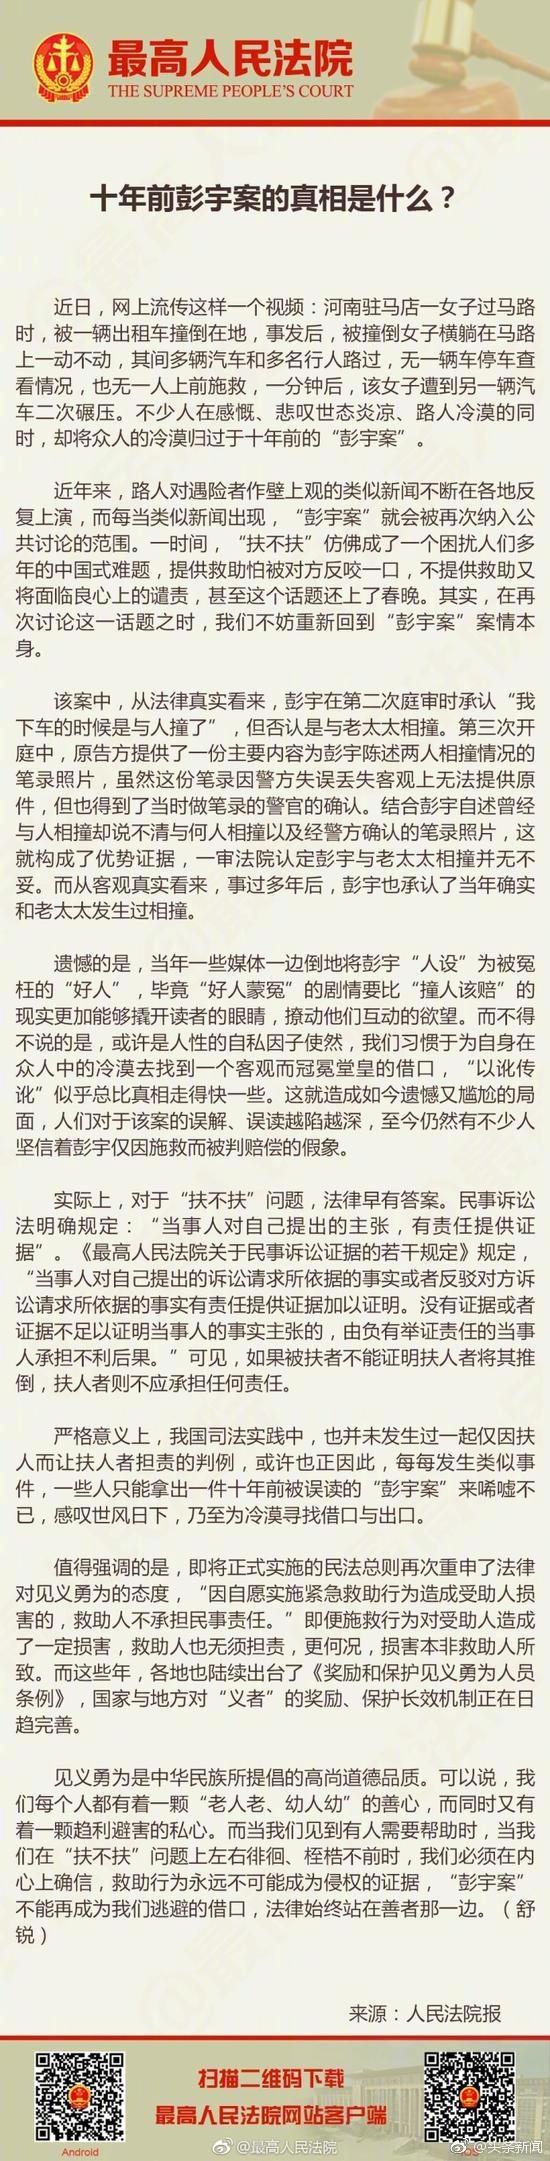 """【立此存照】从小悦悦到斑马线女子:按需""""逆转""""的彭宇案"""